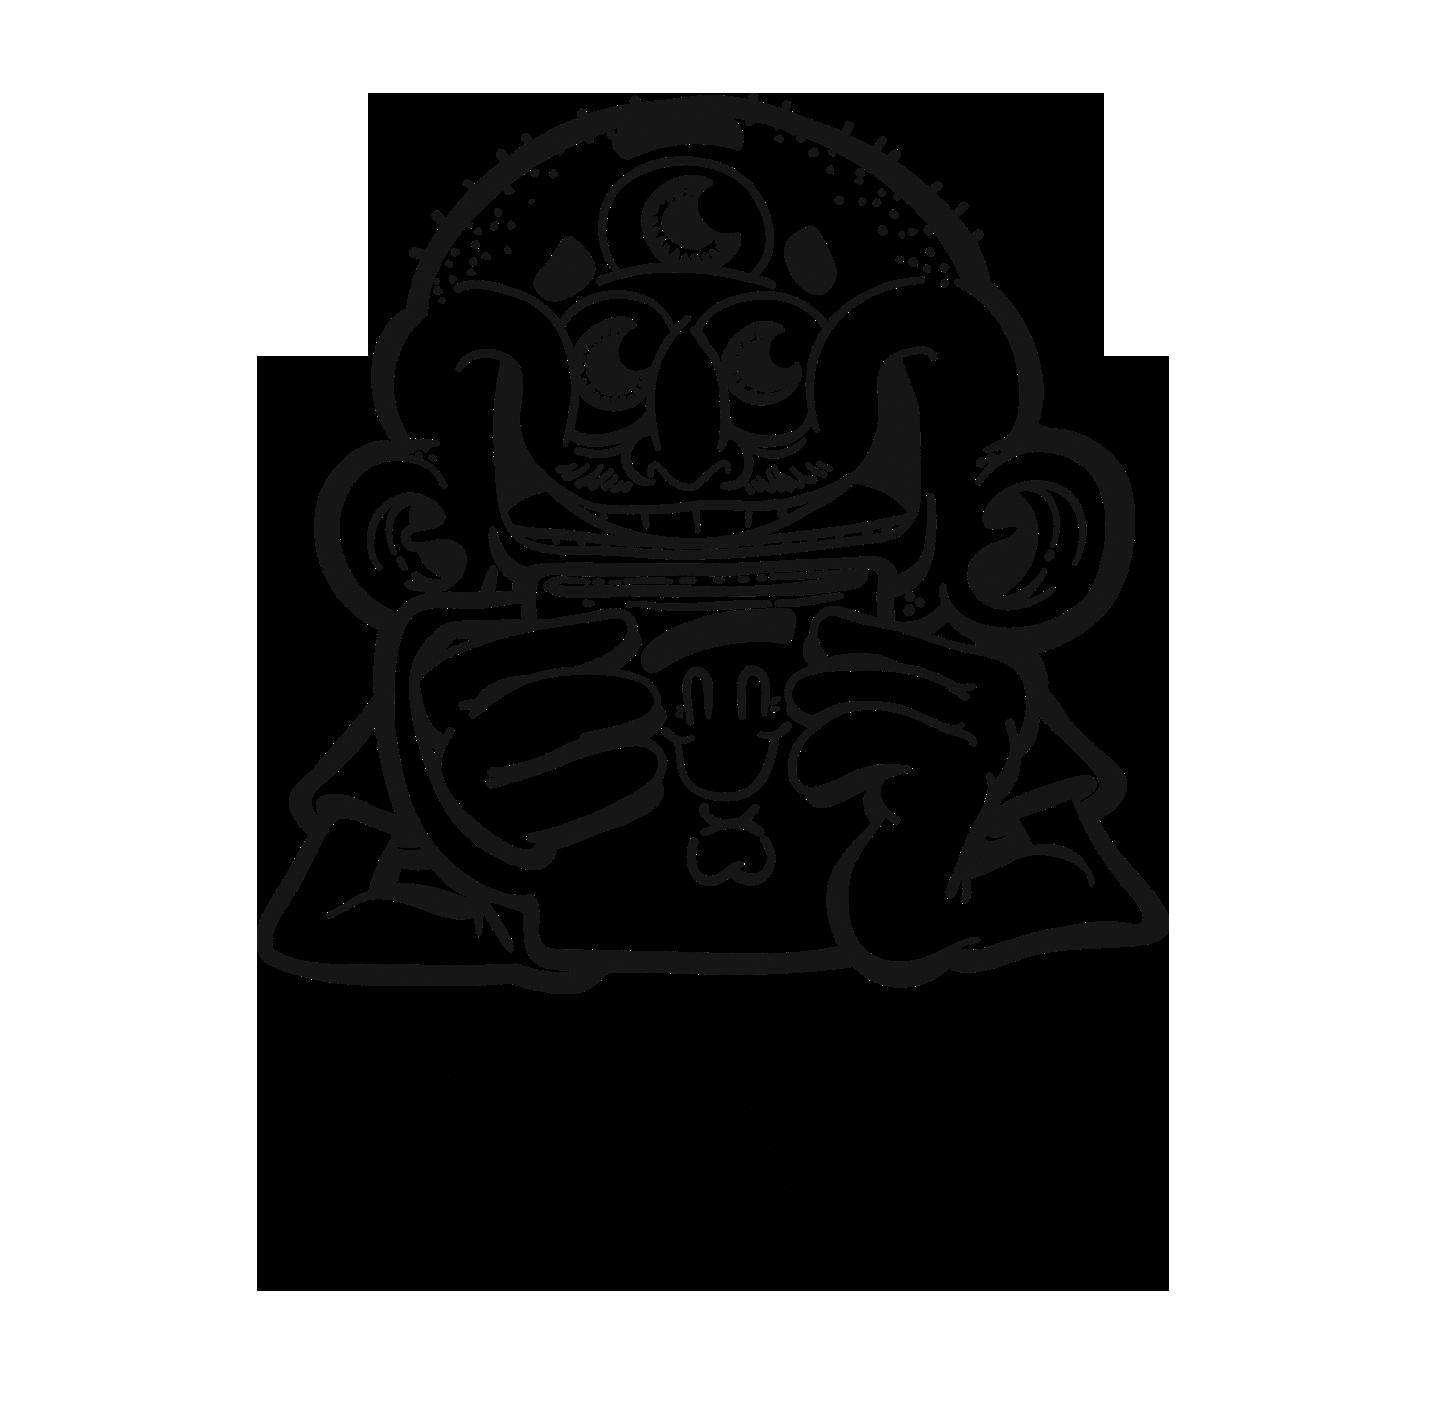 Spokesman-Logo.png